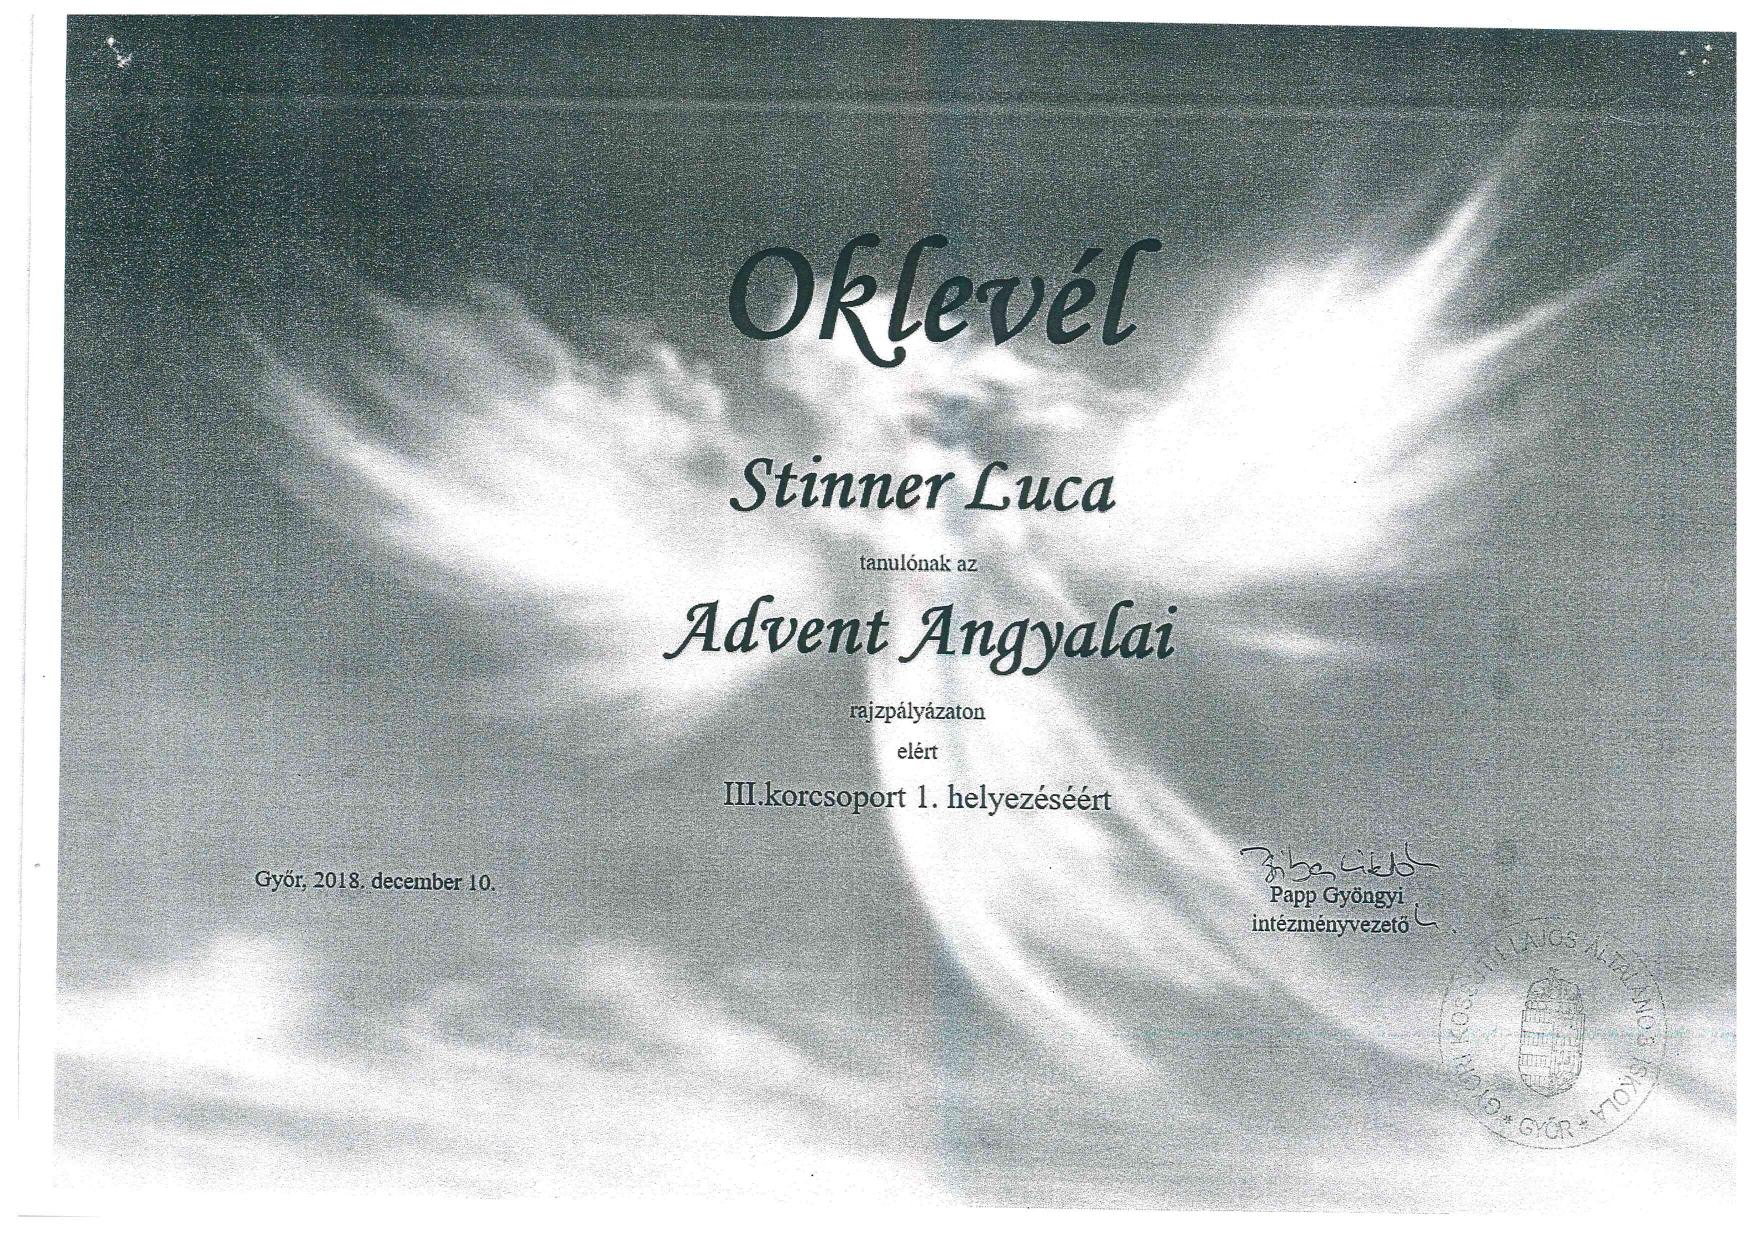 6_oklevelekoklevelek_page-0001